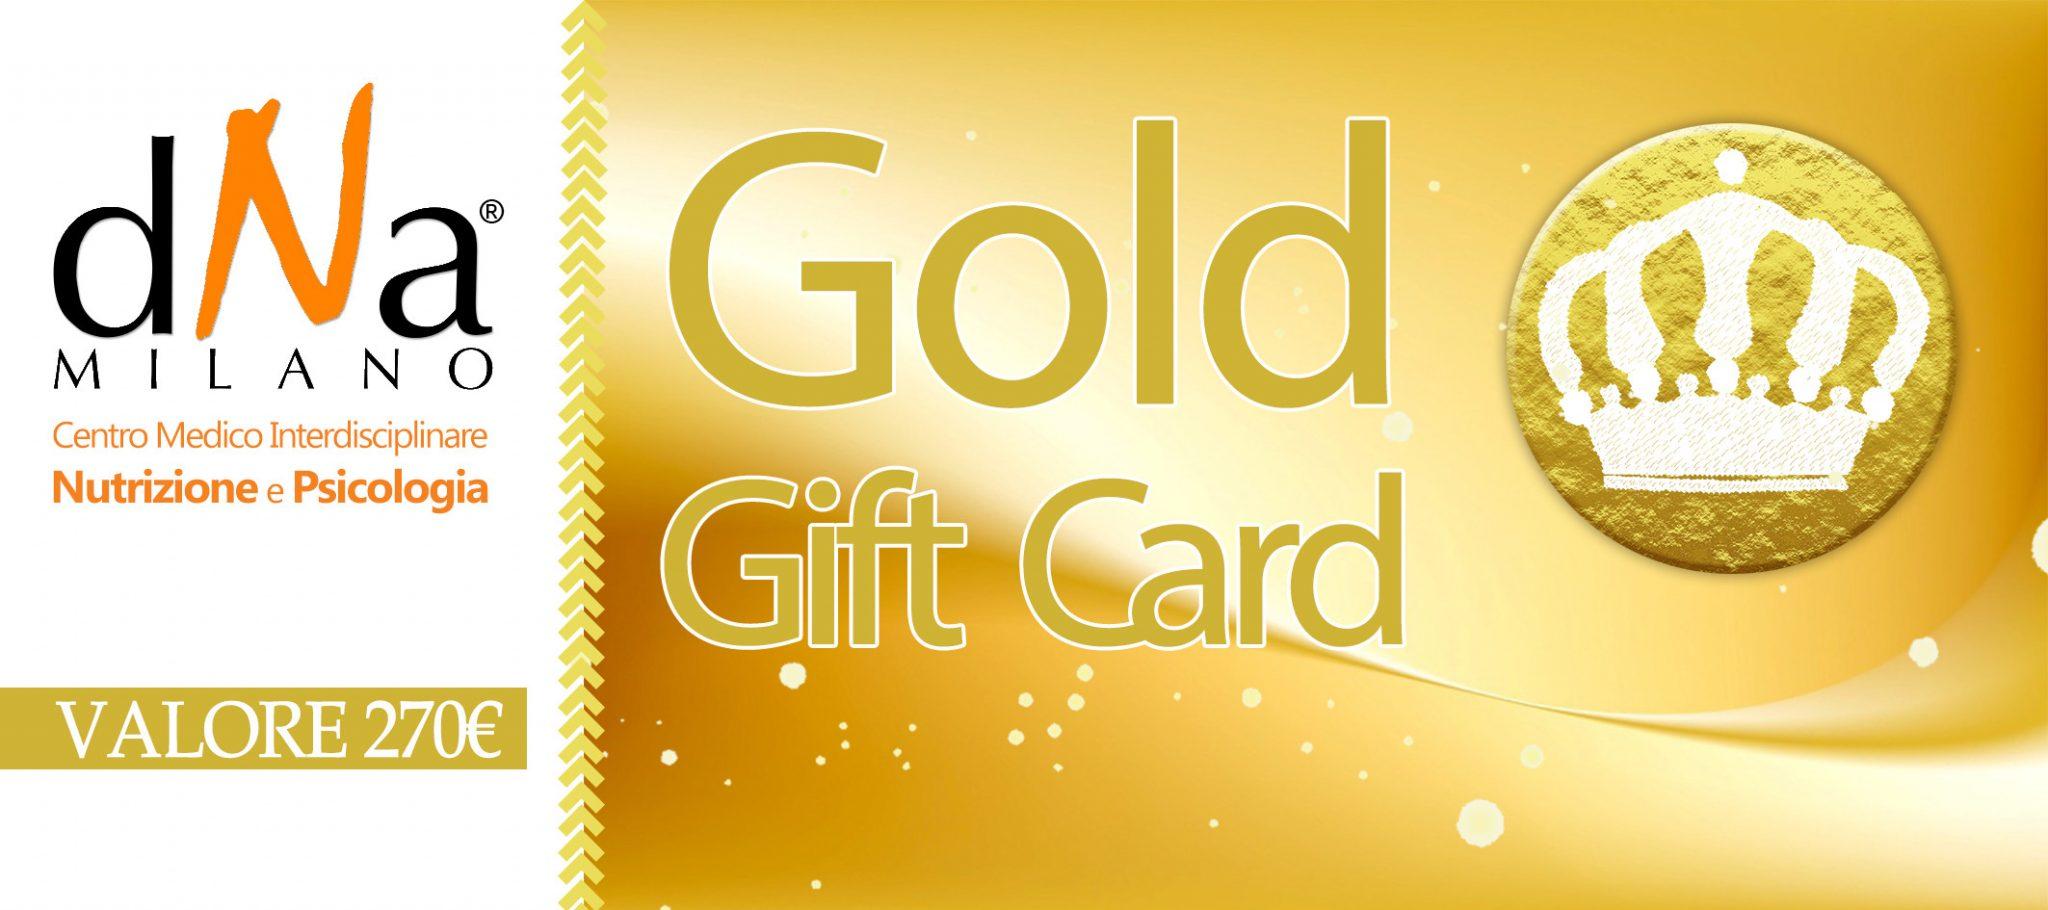 GOLD GIFT CARD: Prima Visita Nutrizionale Con Dieta, Test Intolleranze 44 Alimenti, 1 Controllo Nutrizionale